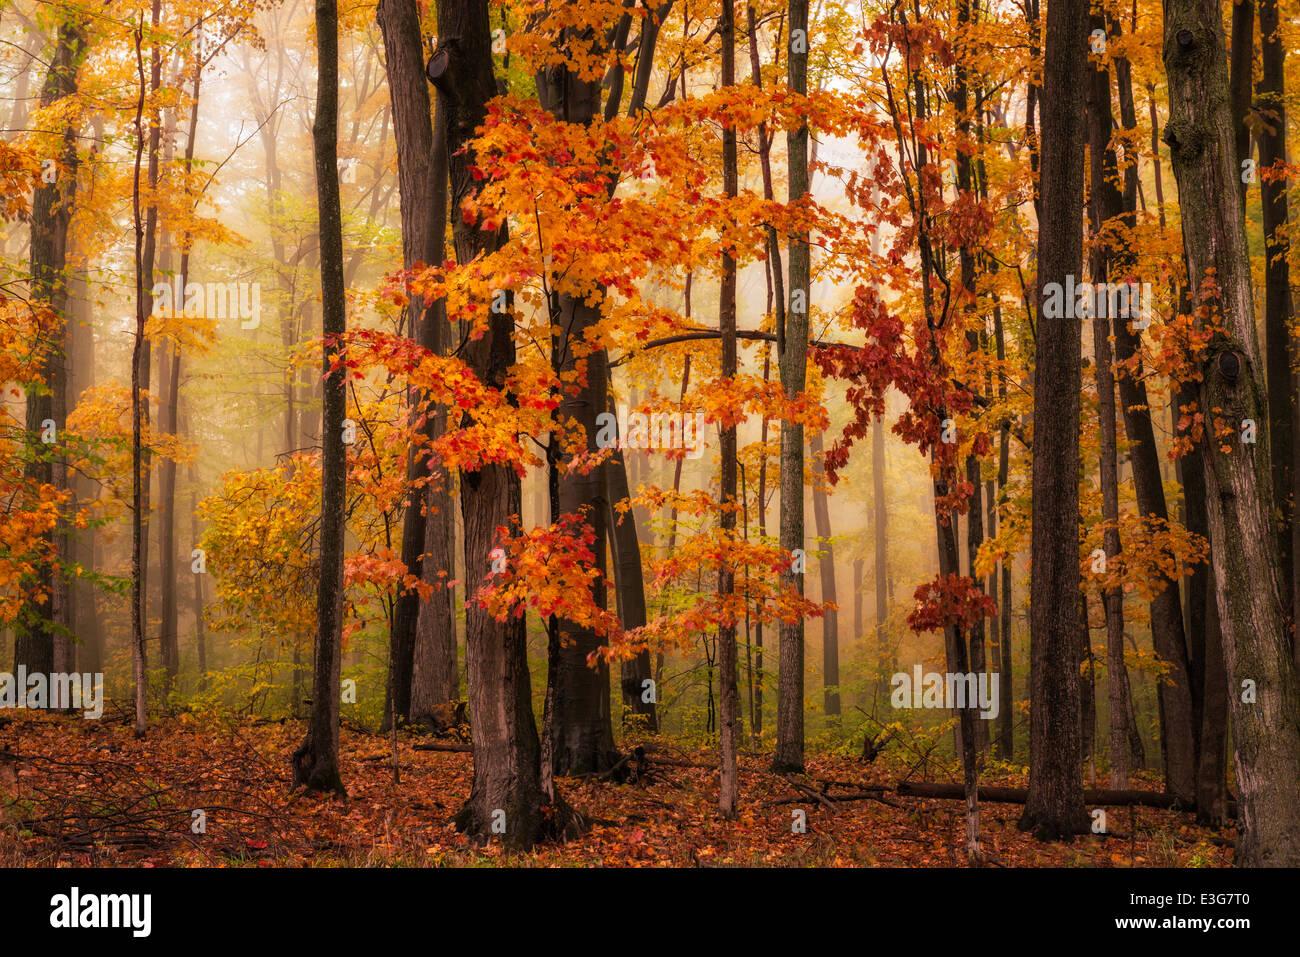 Un automne brumeux en bois bois du nord du Michigan, USA Photo Stock